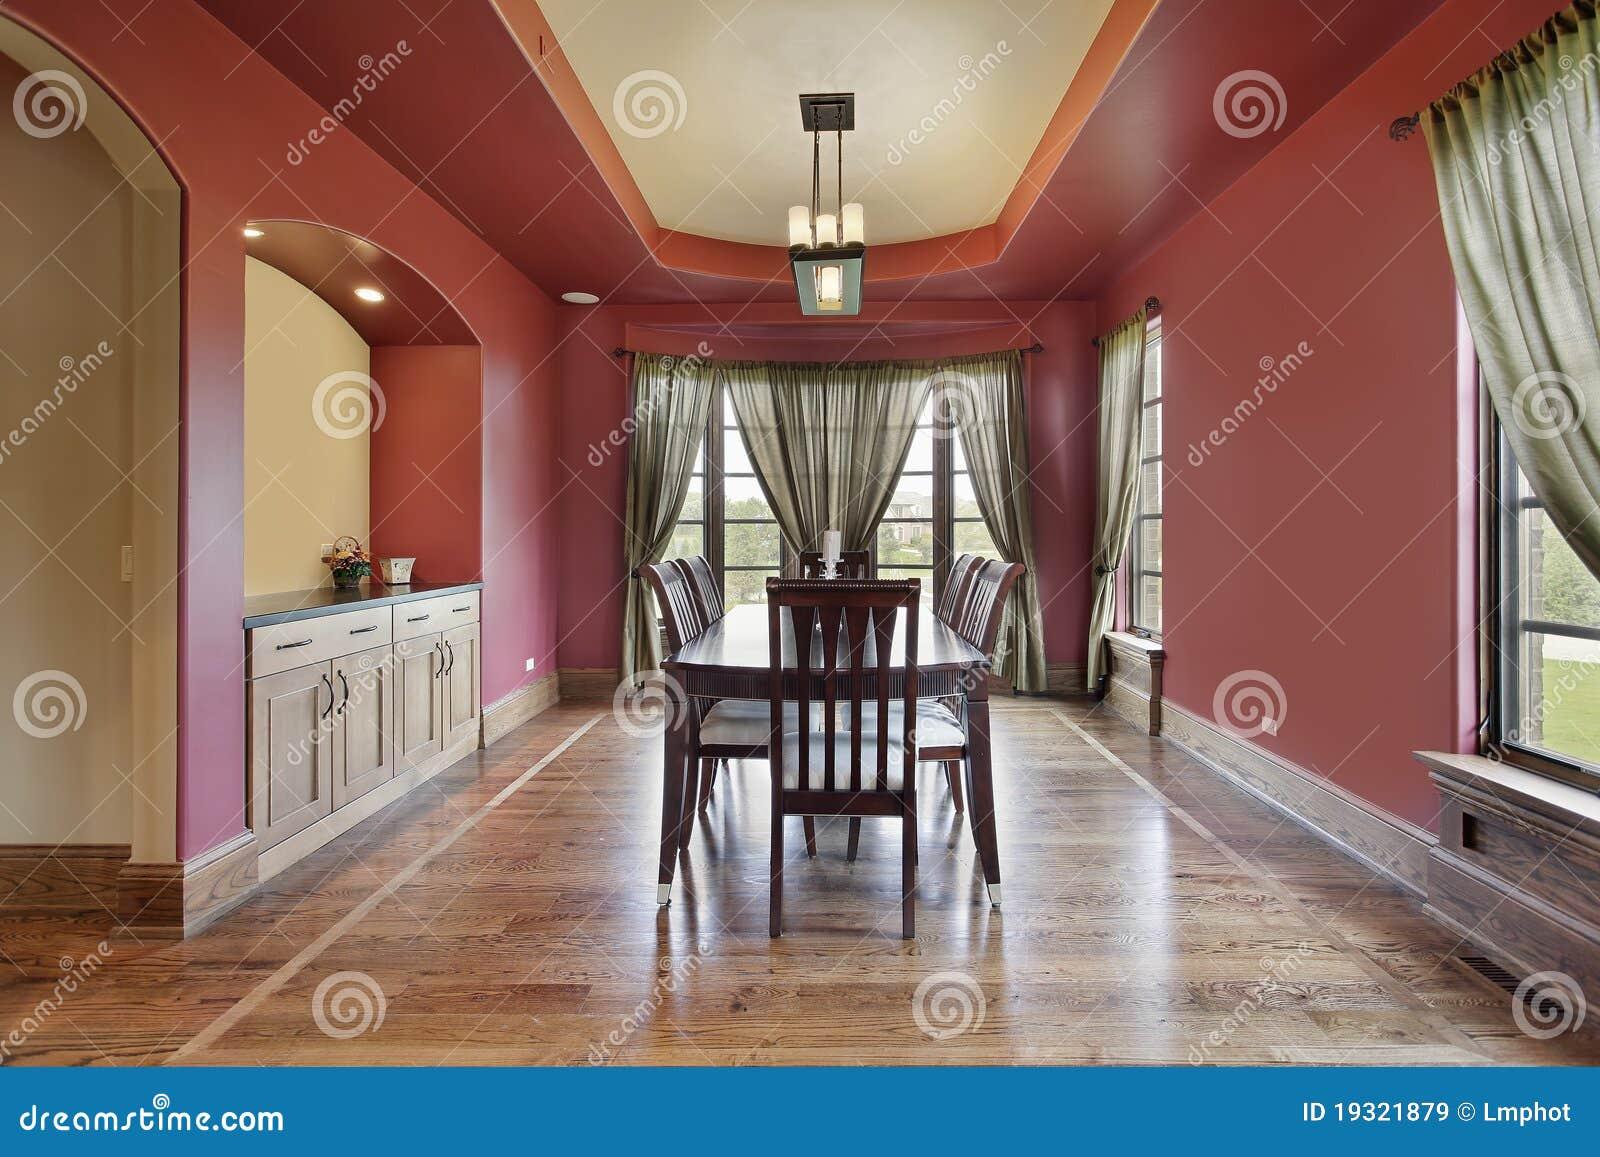 Sala Da Pranzo Con Le Pareti Rosse Immagini Stock Libere Da Diritti  #925739 1300 957 Sala Da Pranzo Palazzo Stoclet